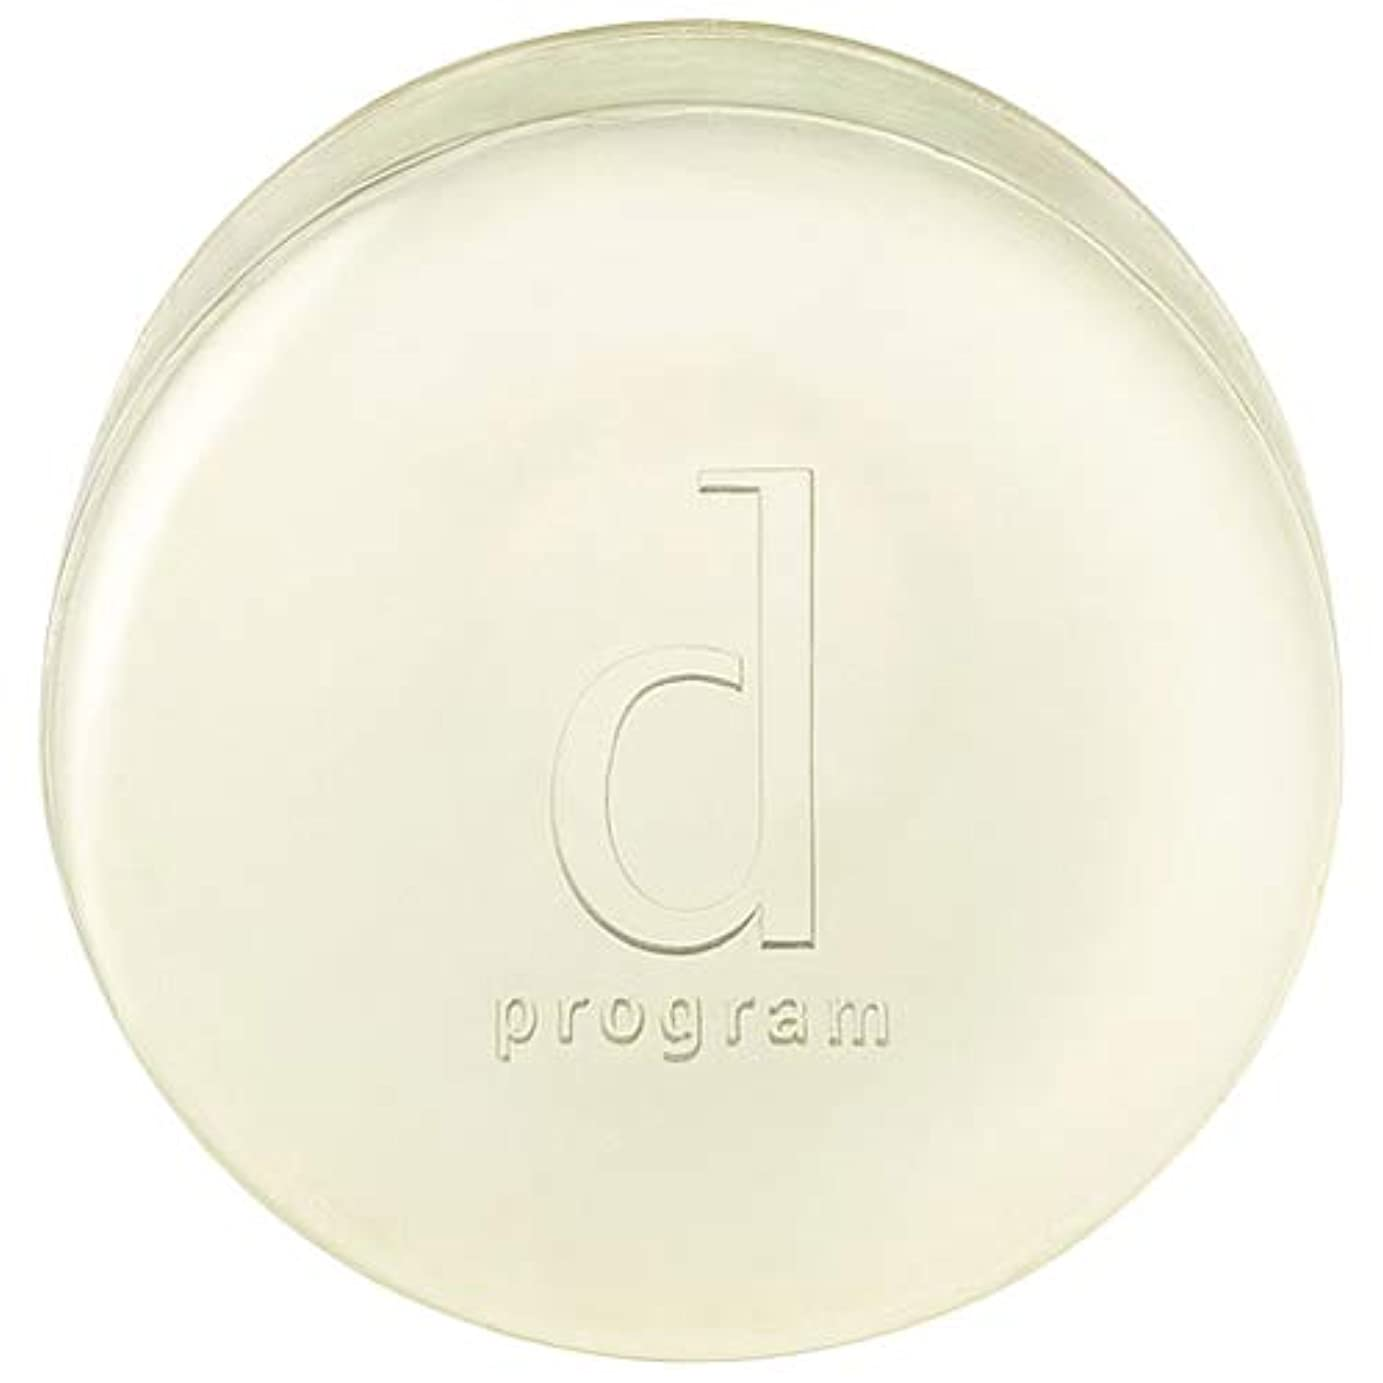 昇るエピソード低下d program 資生堂 コンディショニングソープ 100g [366202] [並行輸入品]